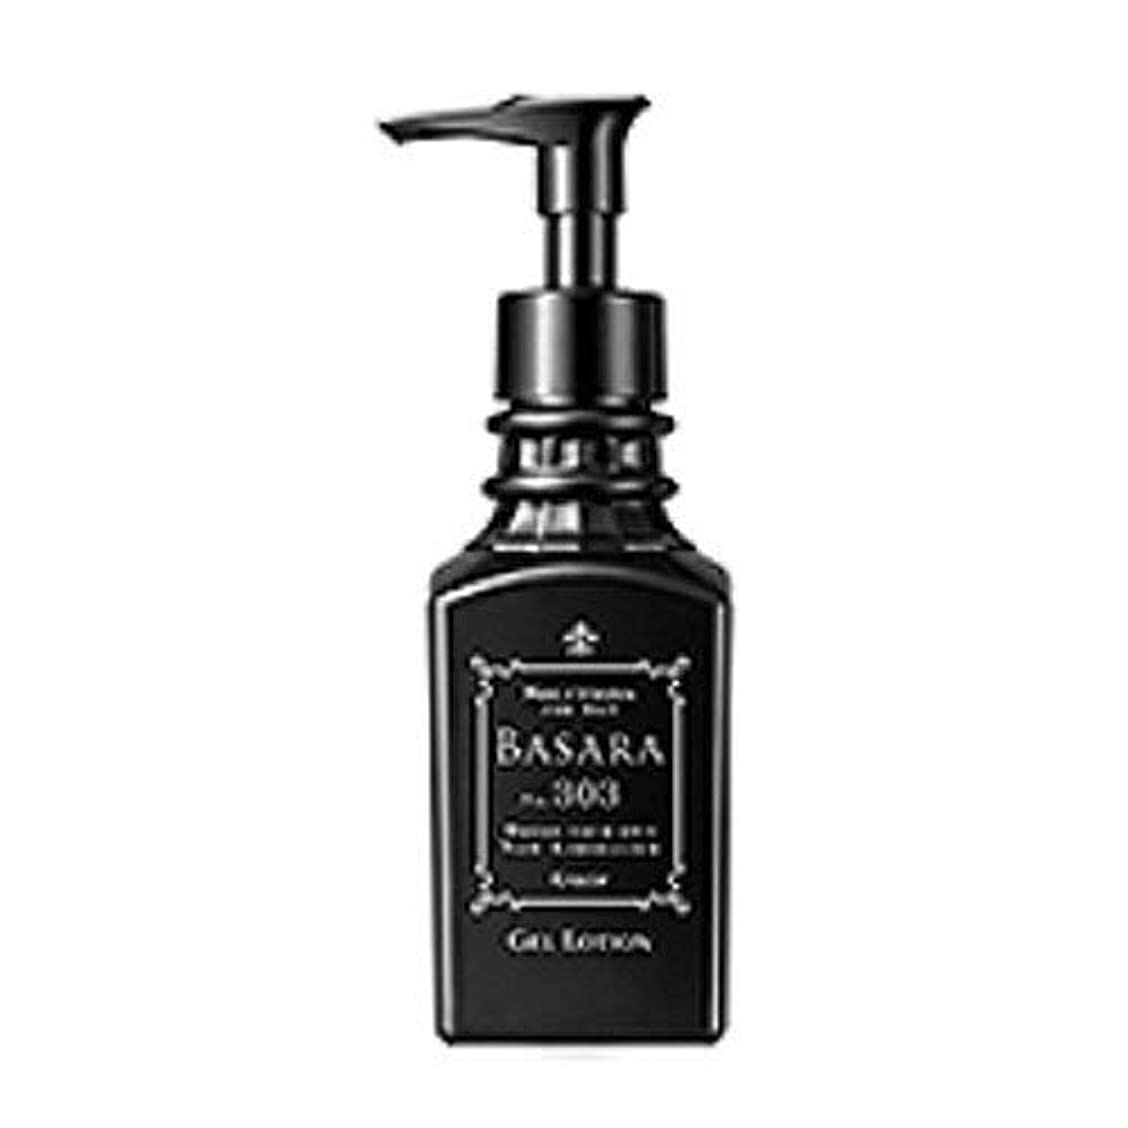 寄り添う拮抗する違うBASARA(バサラ) 303 ジェルローション 化粧水 140ml